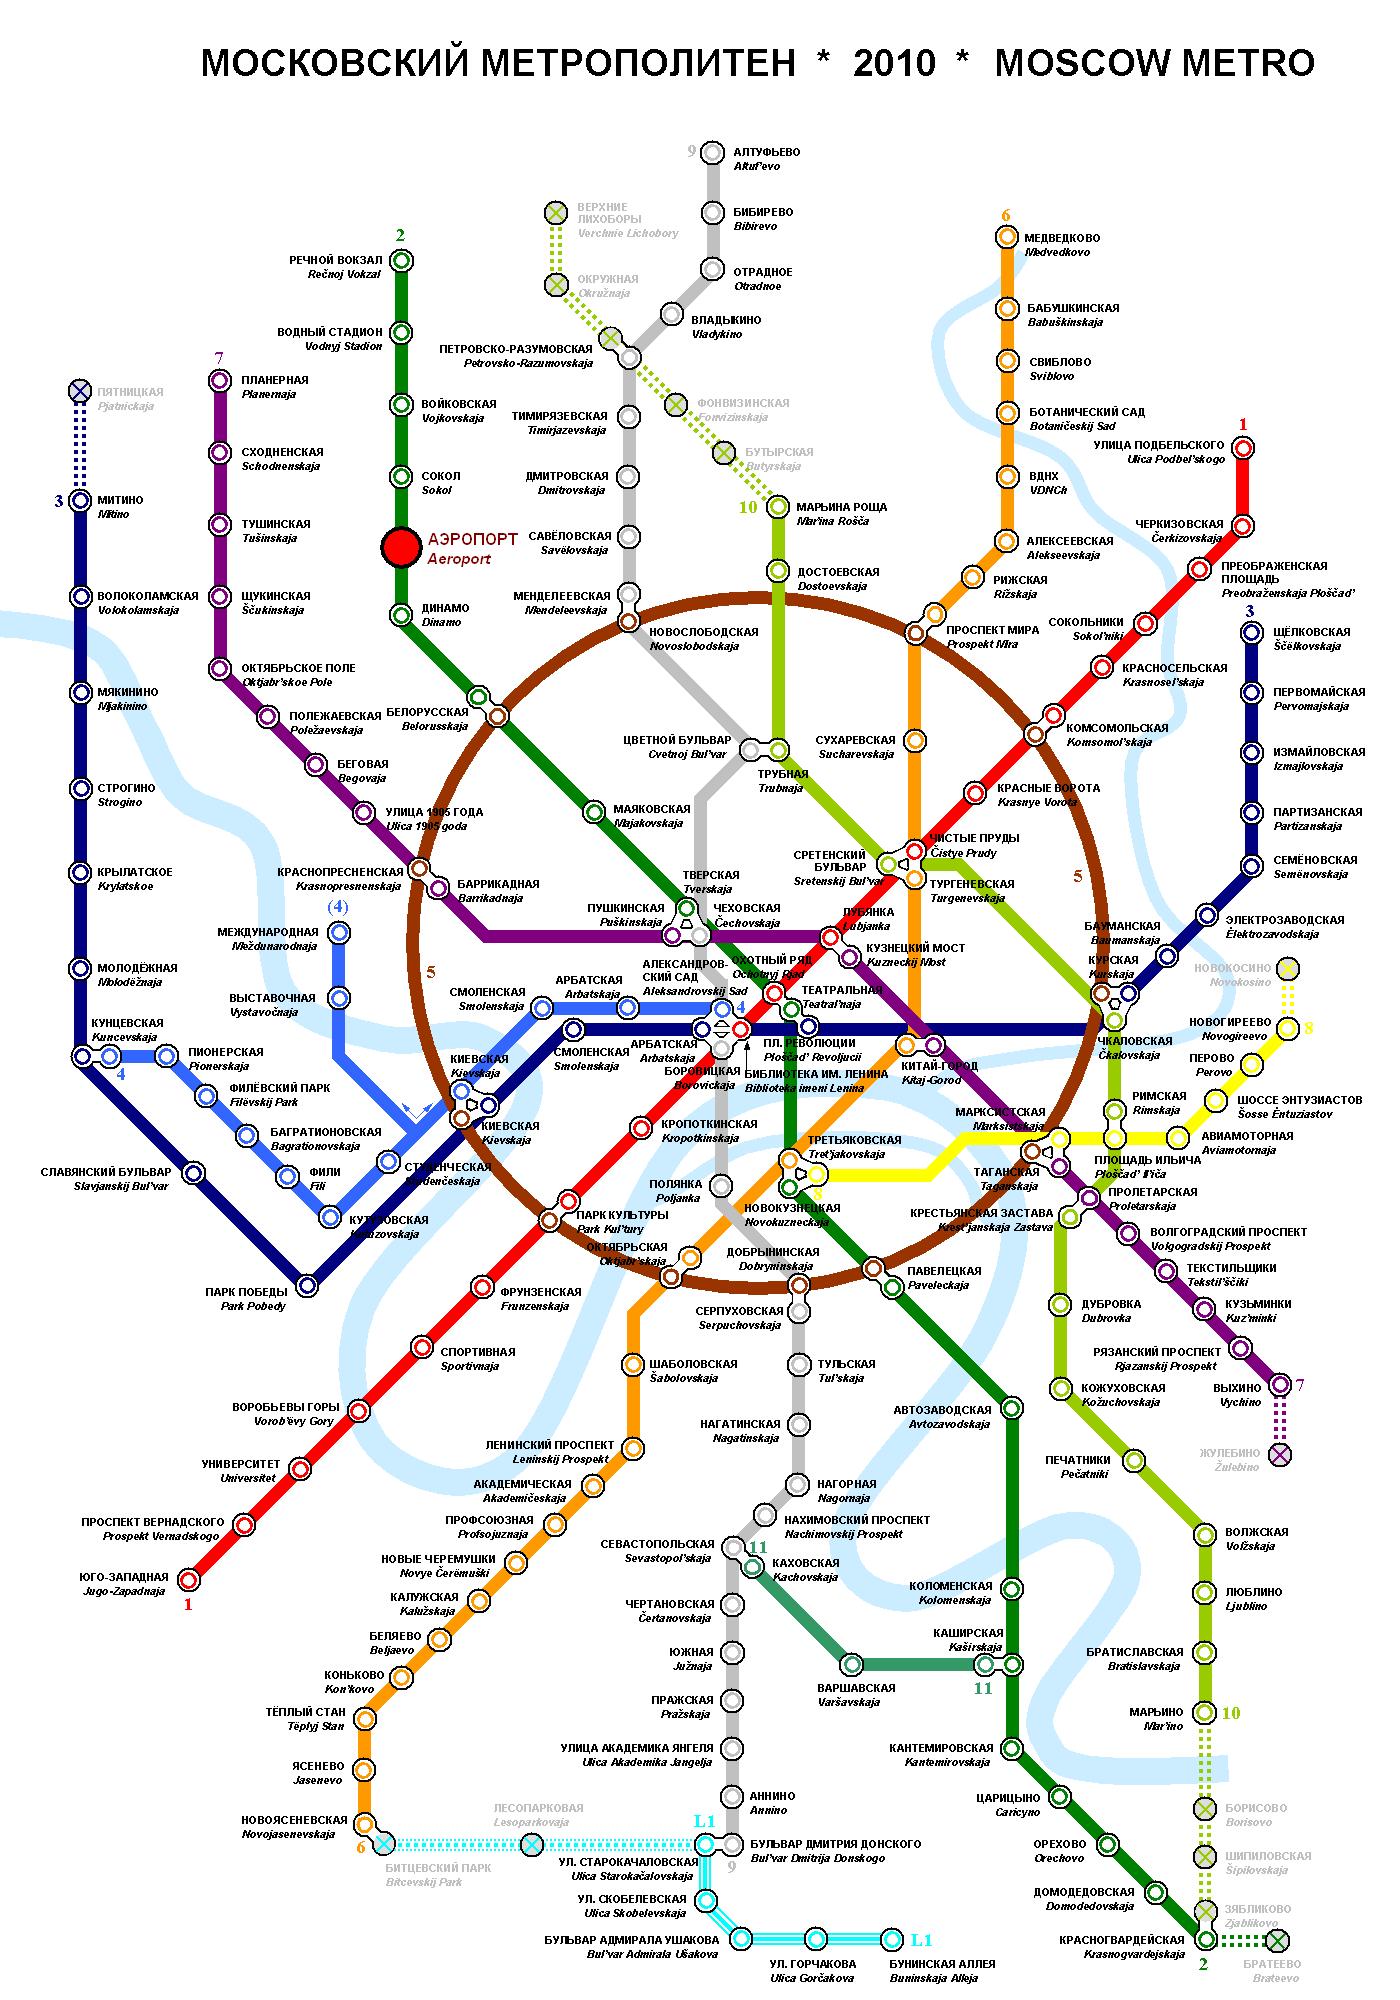 схема проезда от полежаевской до речного вокзала